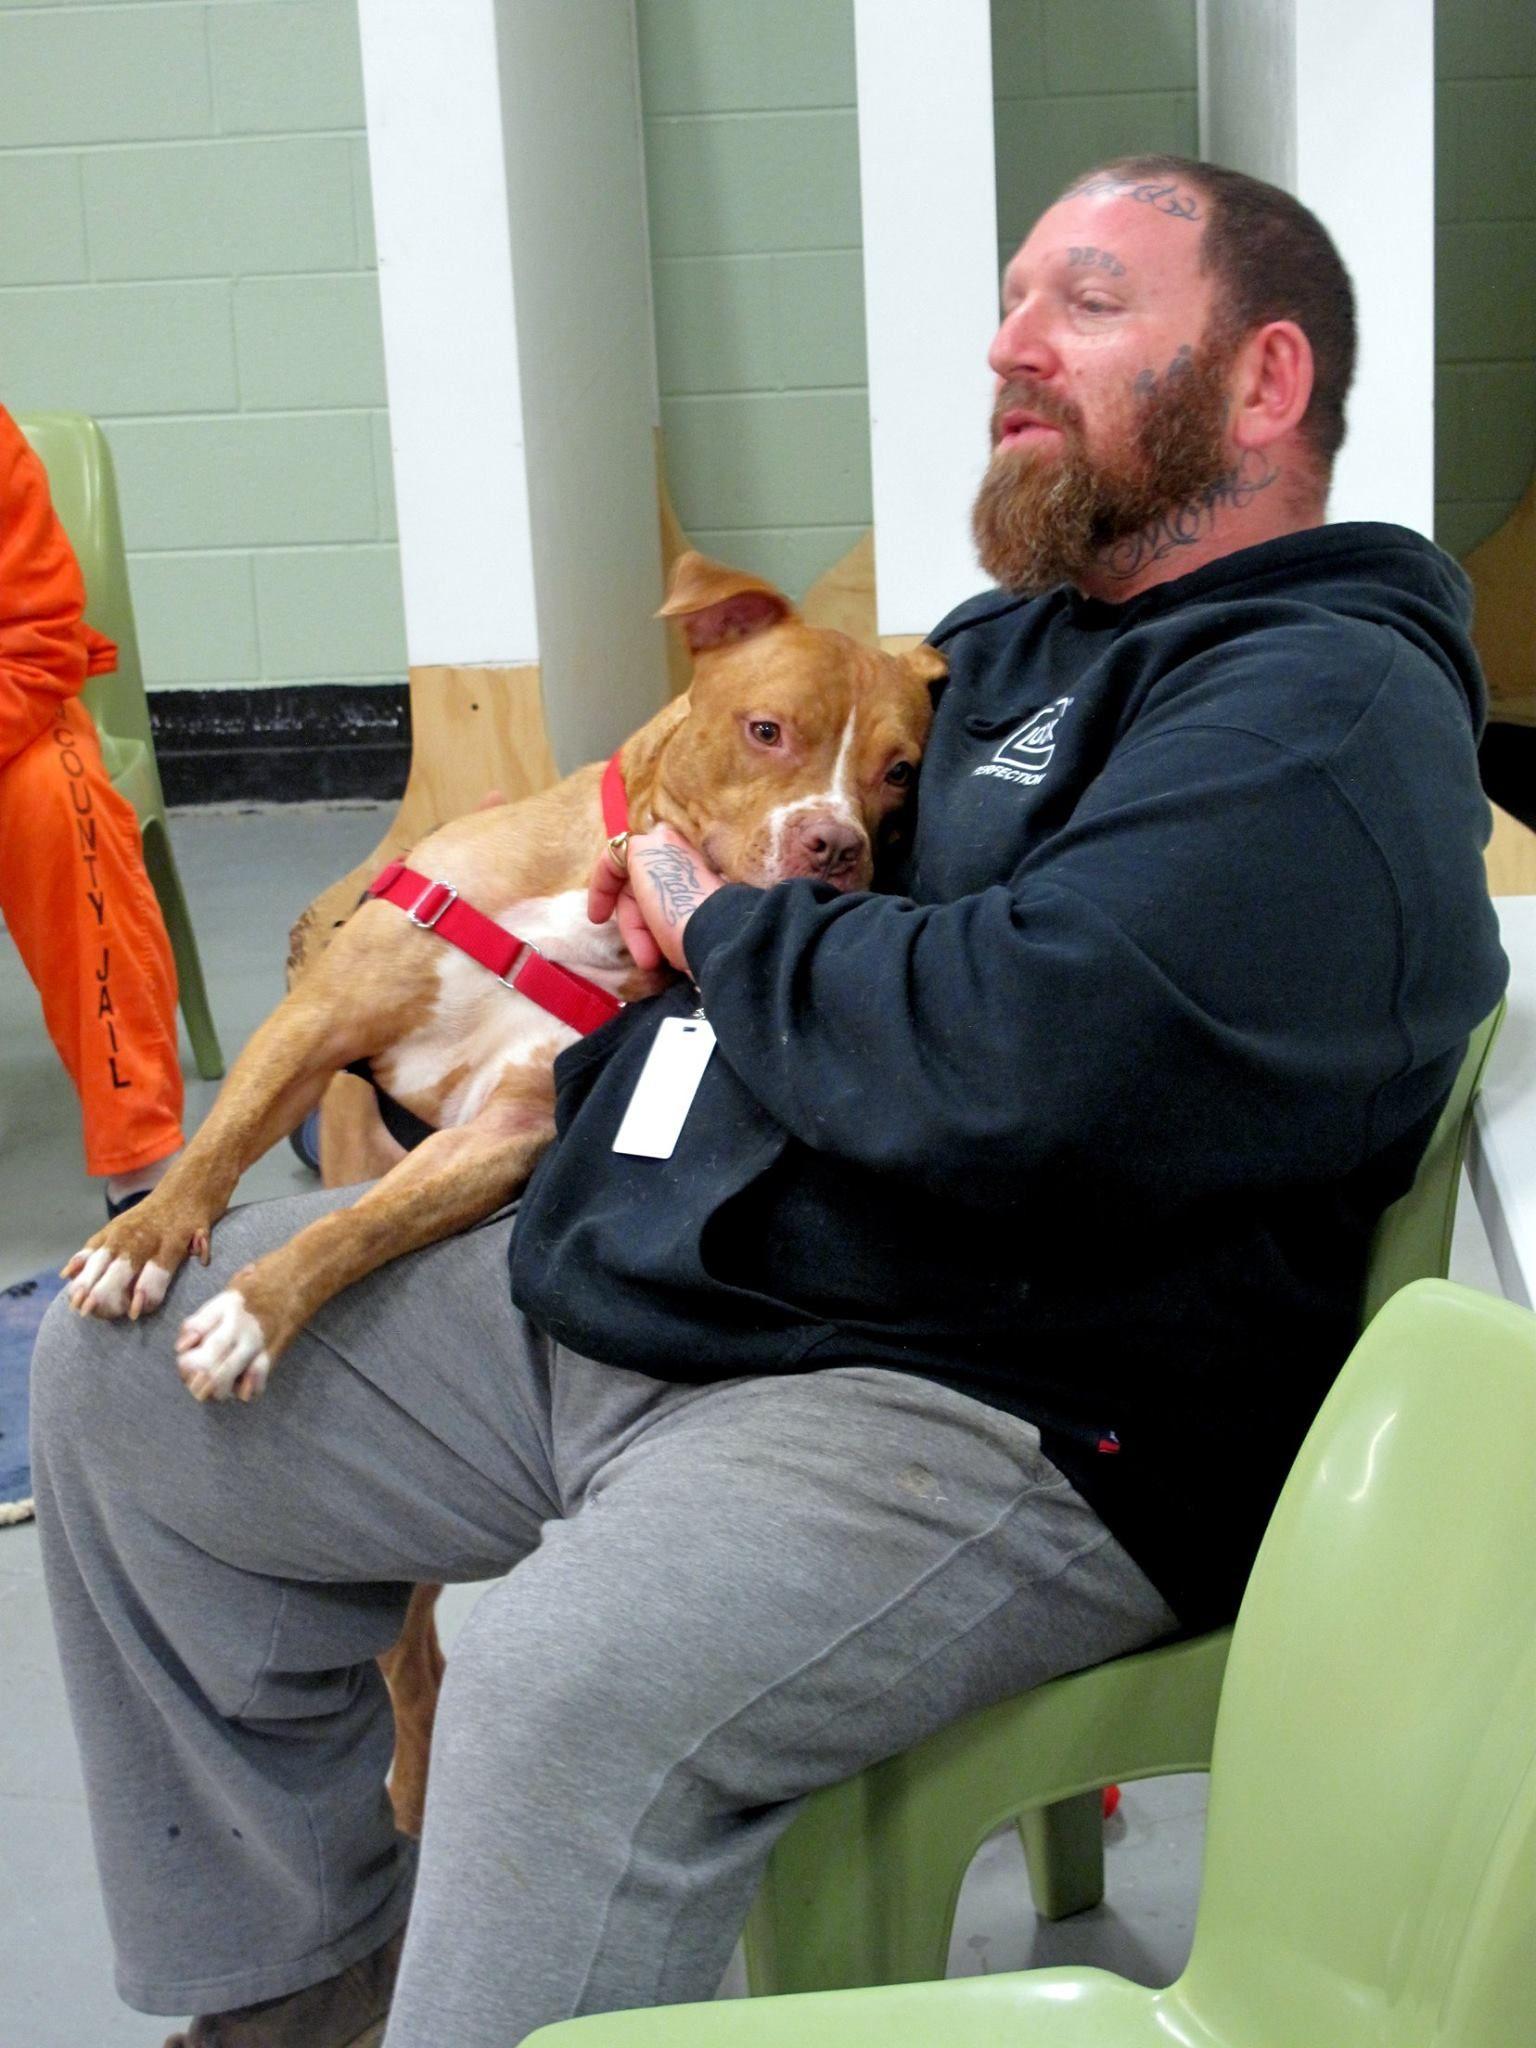 Jason Flatt Making A Visit At Fulton County Jail In Atlanta Ga To